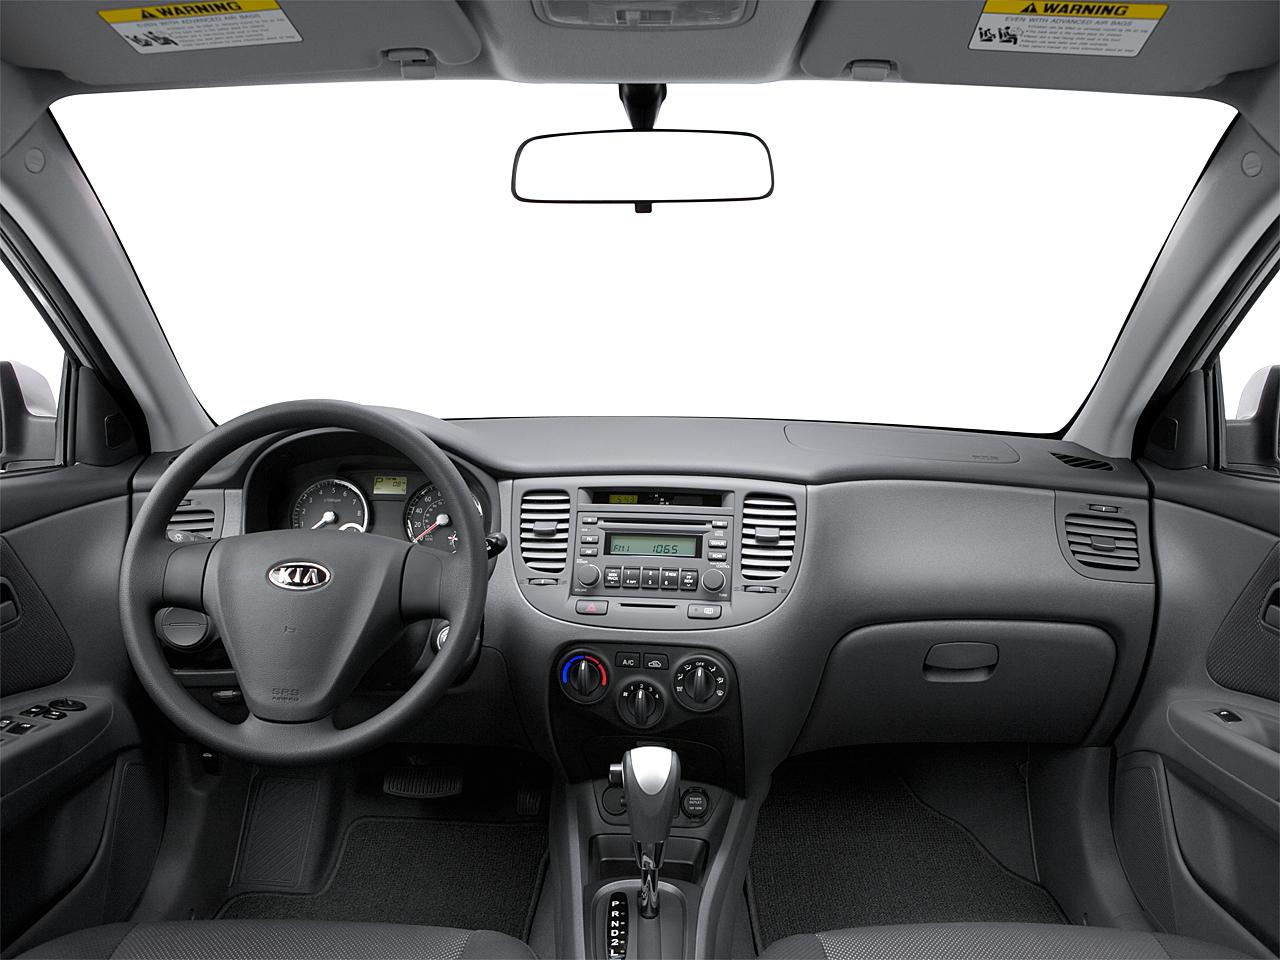 2008 Kia Rio5 Lx 4dr Wagon 1 6l I4 4a Research Groovecar